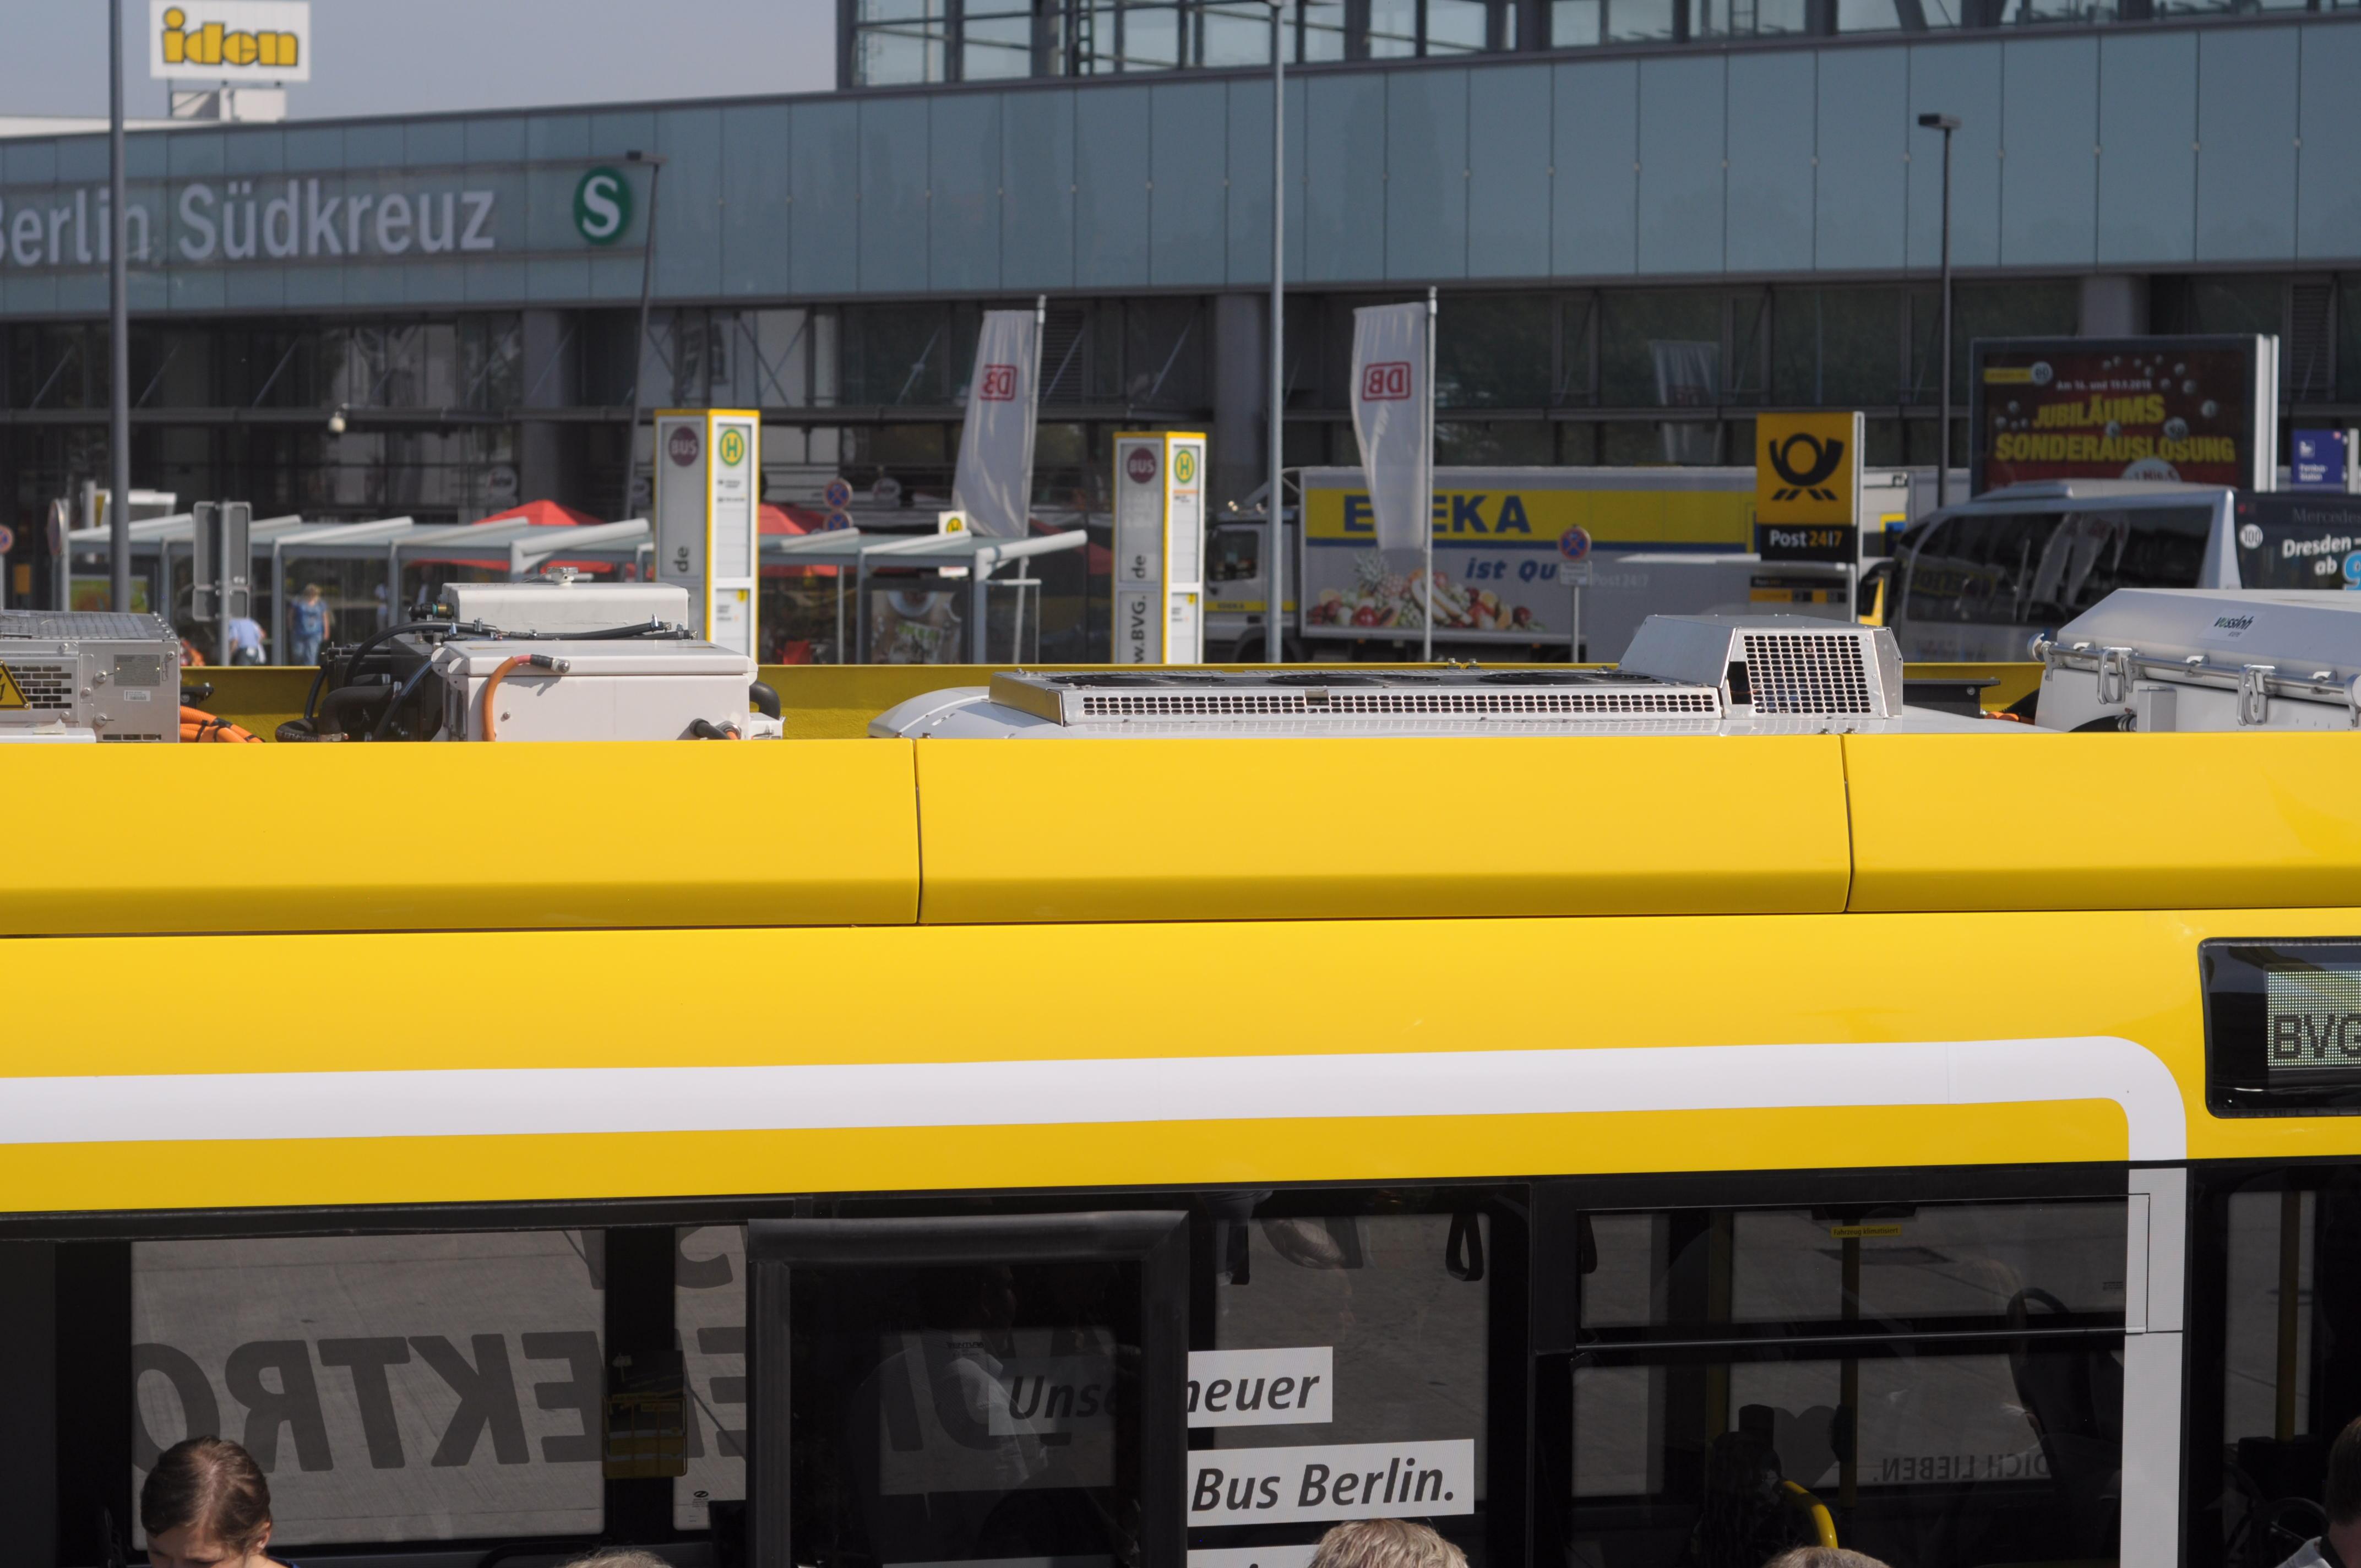 Nahverkehr: Hamburg und Berlin kaufen gemeinsam saubere Busse - Denn bei Eindeckern wird fast alles ... (Foto: Andreas Sebayang/Golem.de)